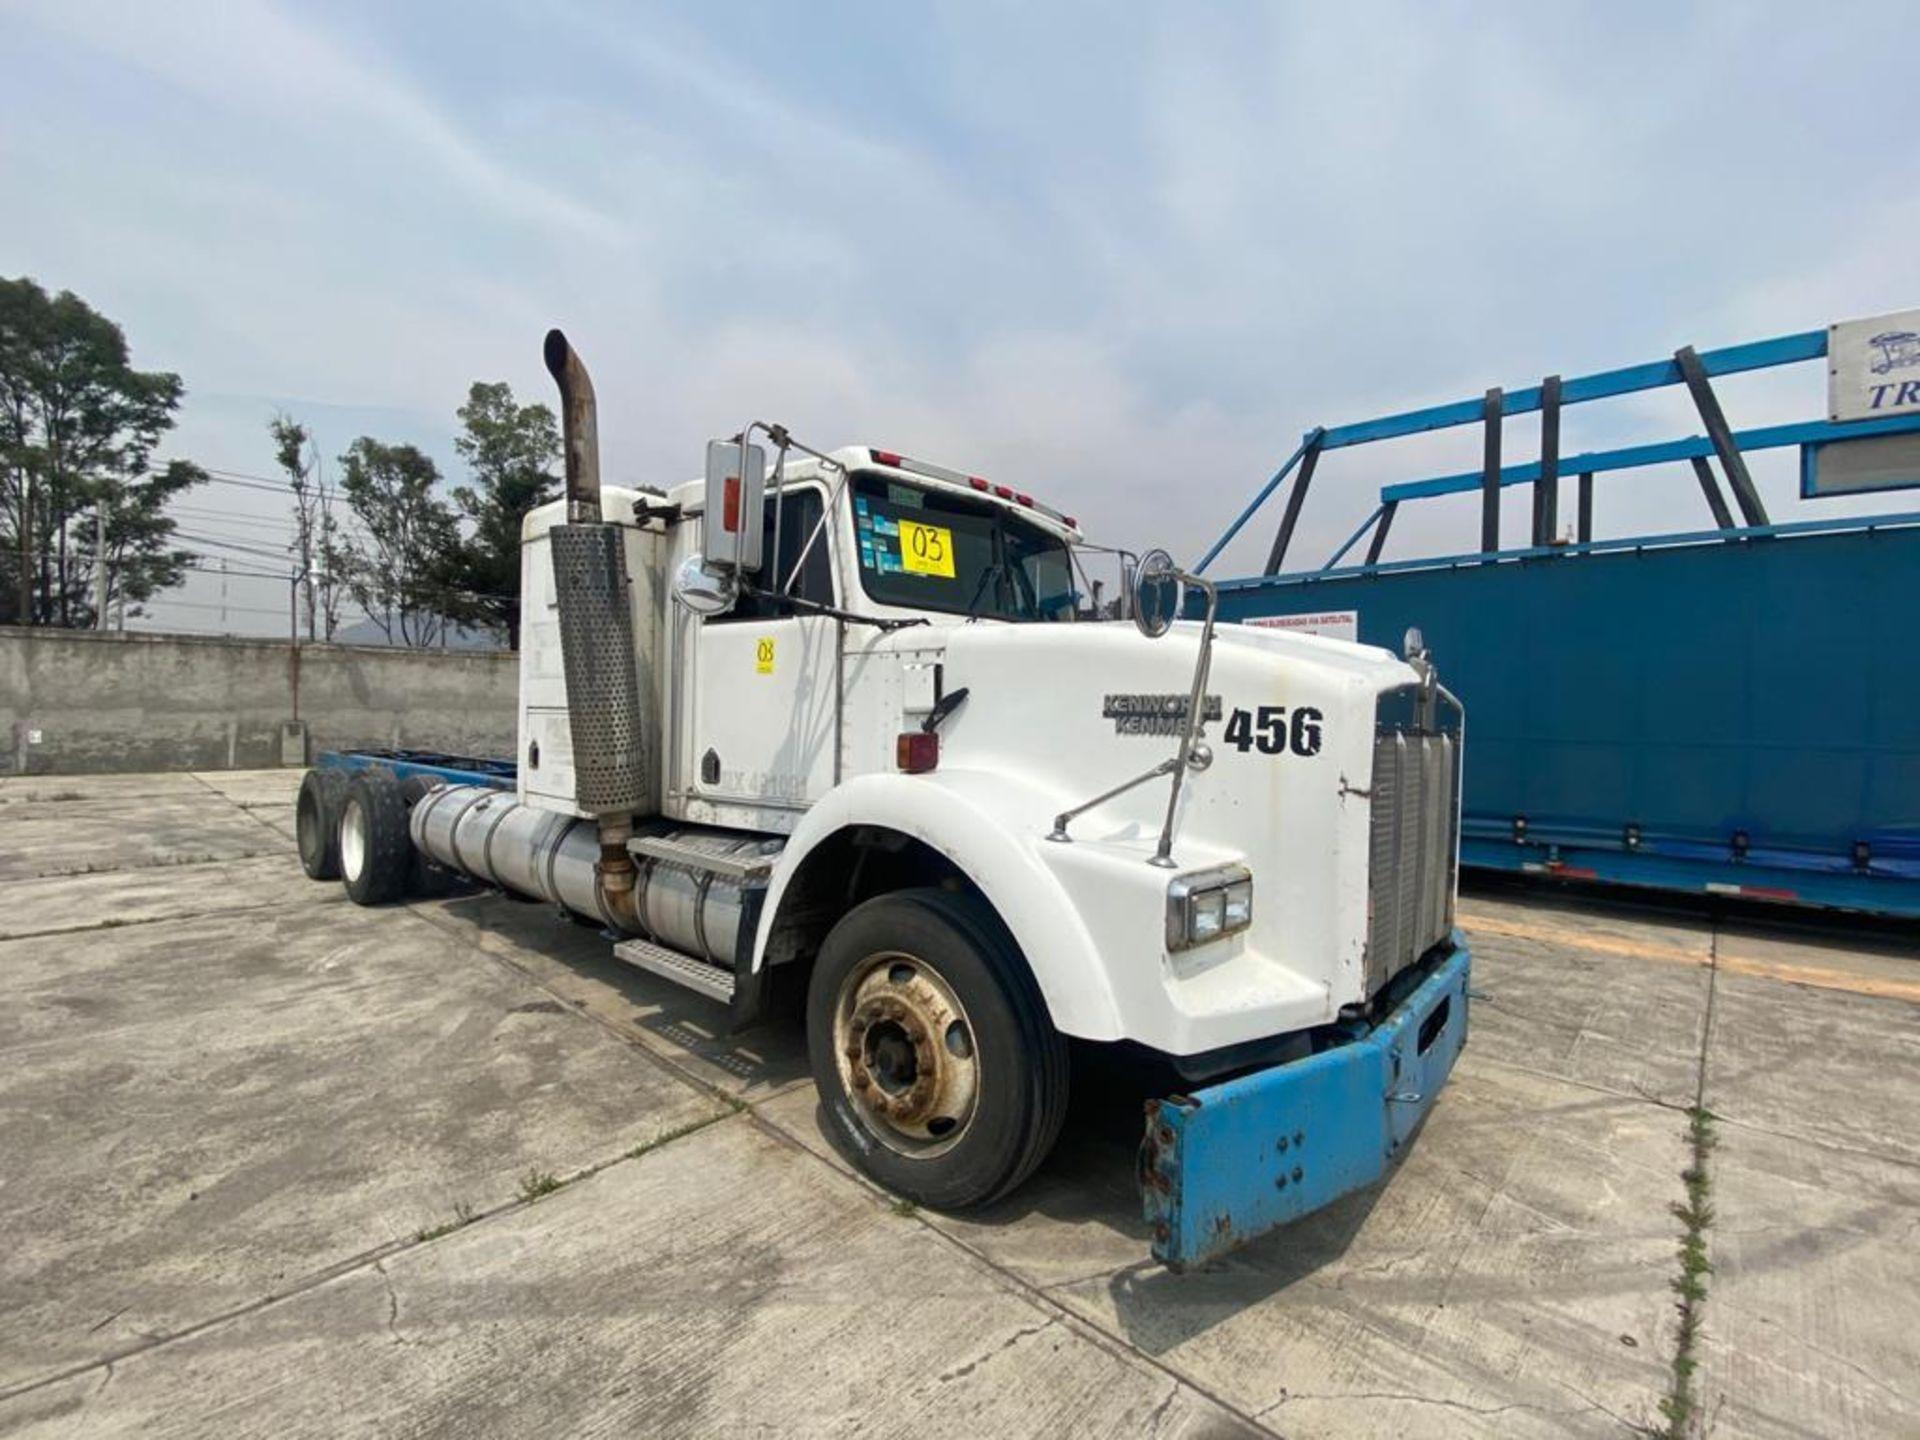 1999 Kenworth Sleeper truck tractor, standard transmission of 18 speeds